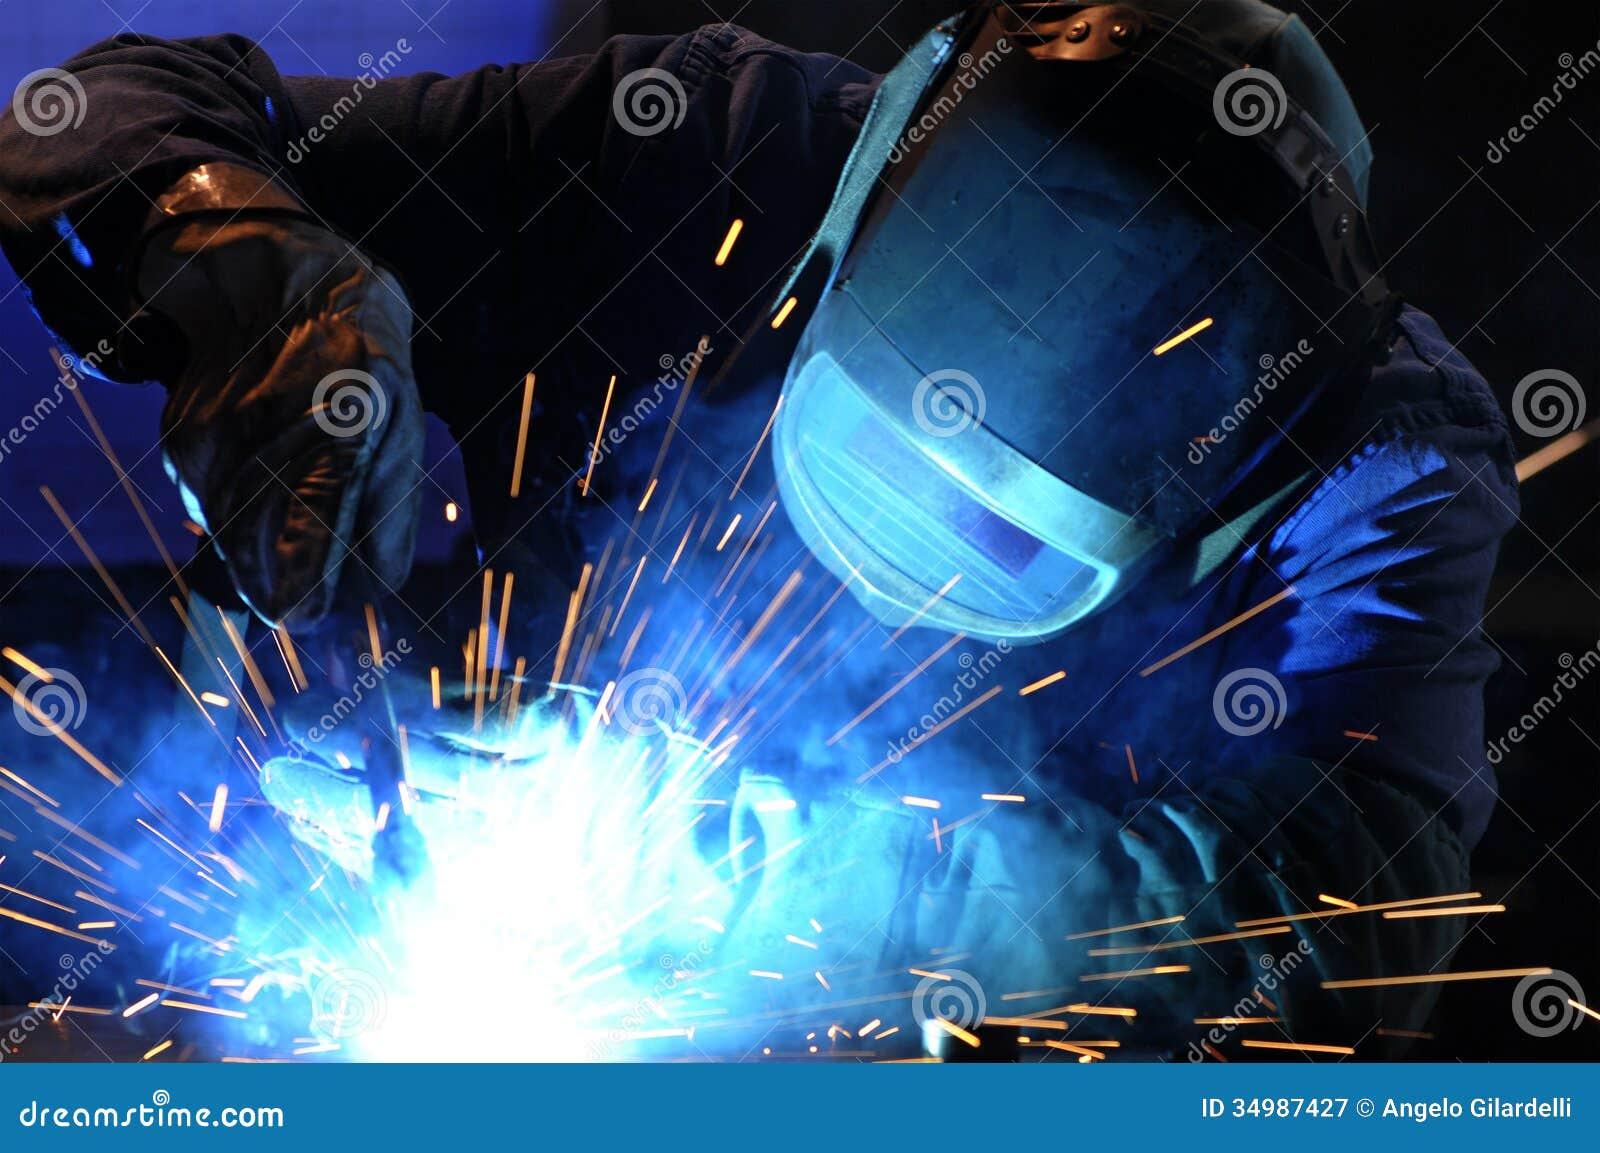 Arc Welding Videos arc welding  download